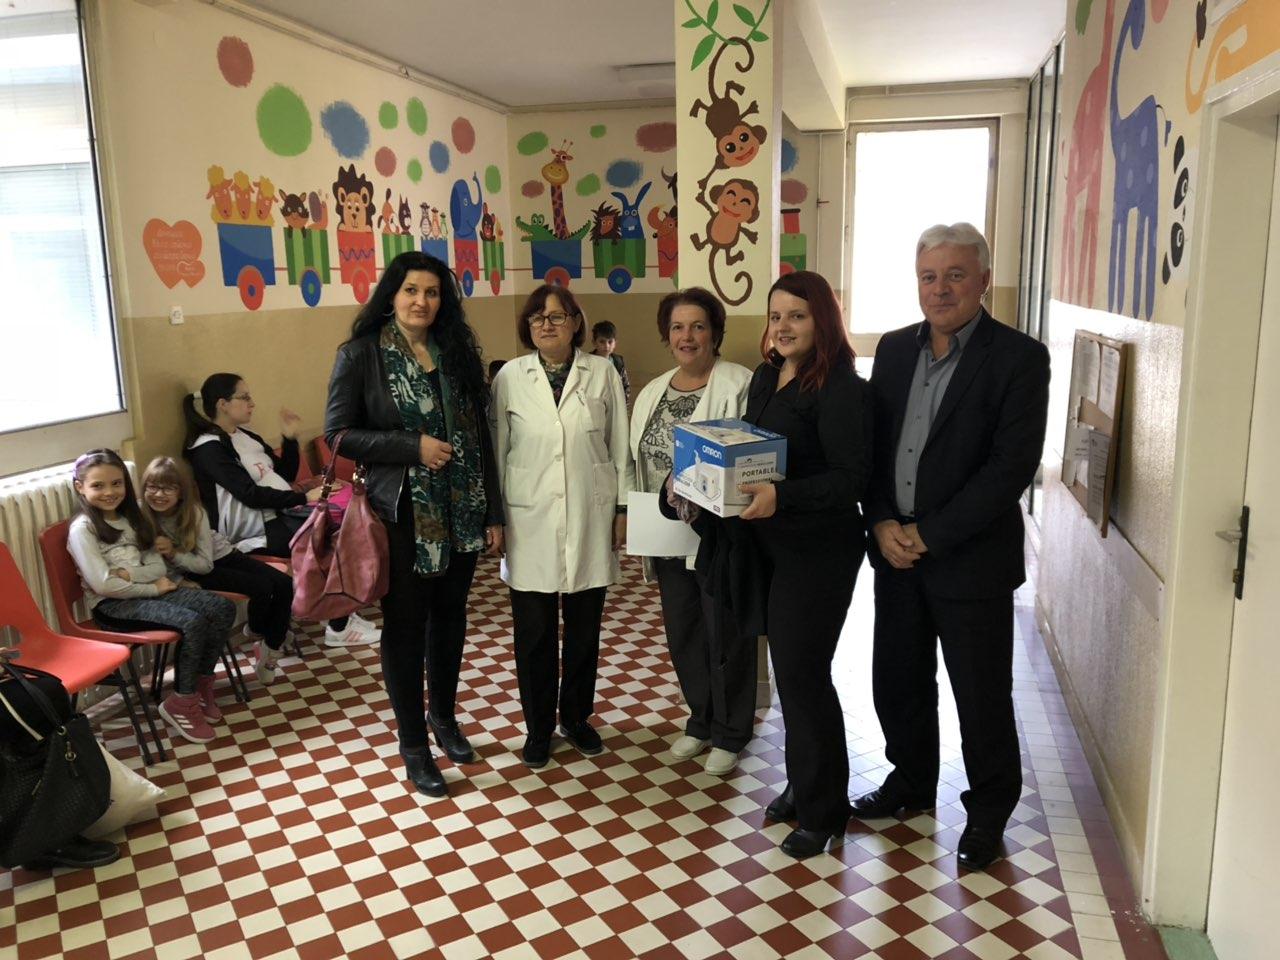 KOLO SRPSKIH SESTARA SVRLJIG: Inhalator za decu – donacija Domu zdravlja Svrljig